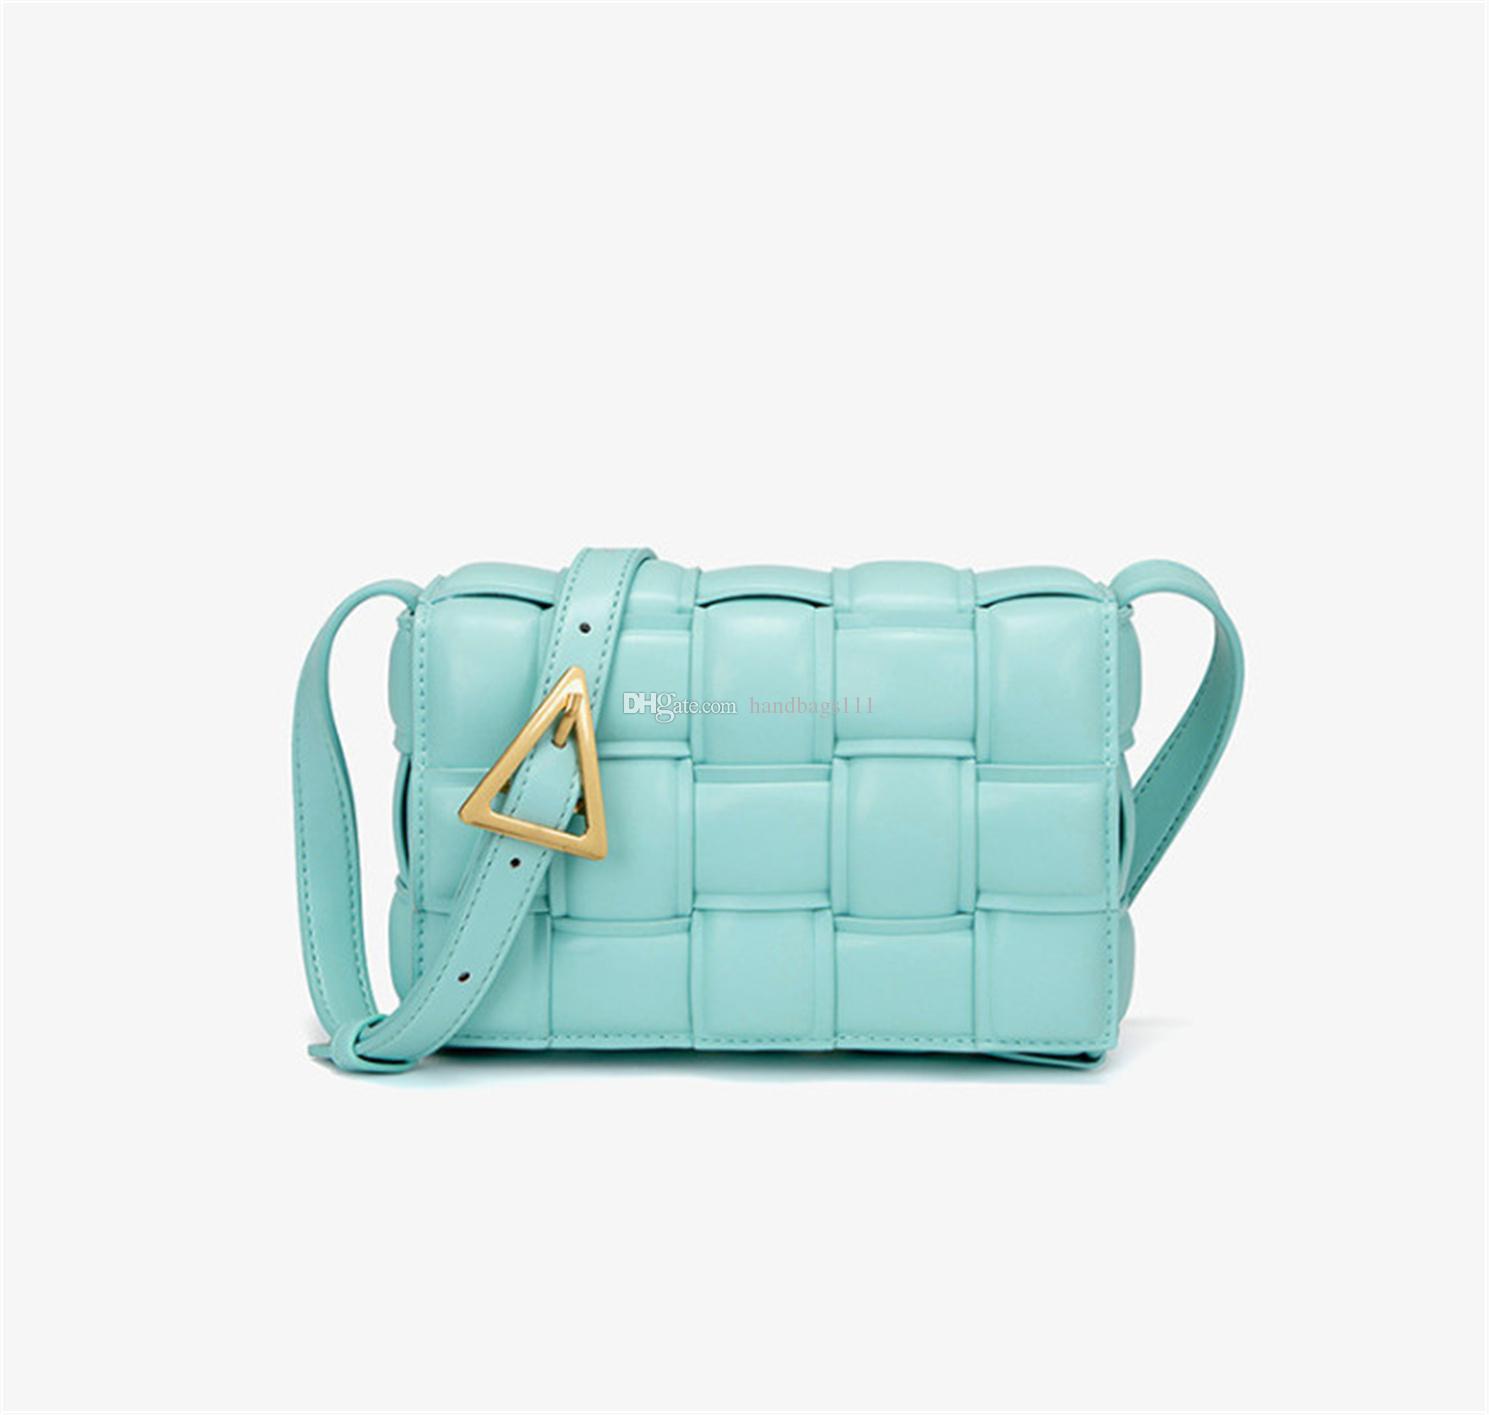 HBP цепь сумка кожа поперечины сцепления колодки кожаные женские кошельки тотальные женские сумки рюкзаки сумки сумки сумки сумки сумки плечо chai fgirm